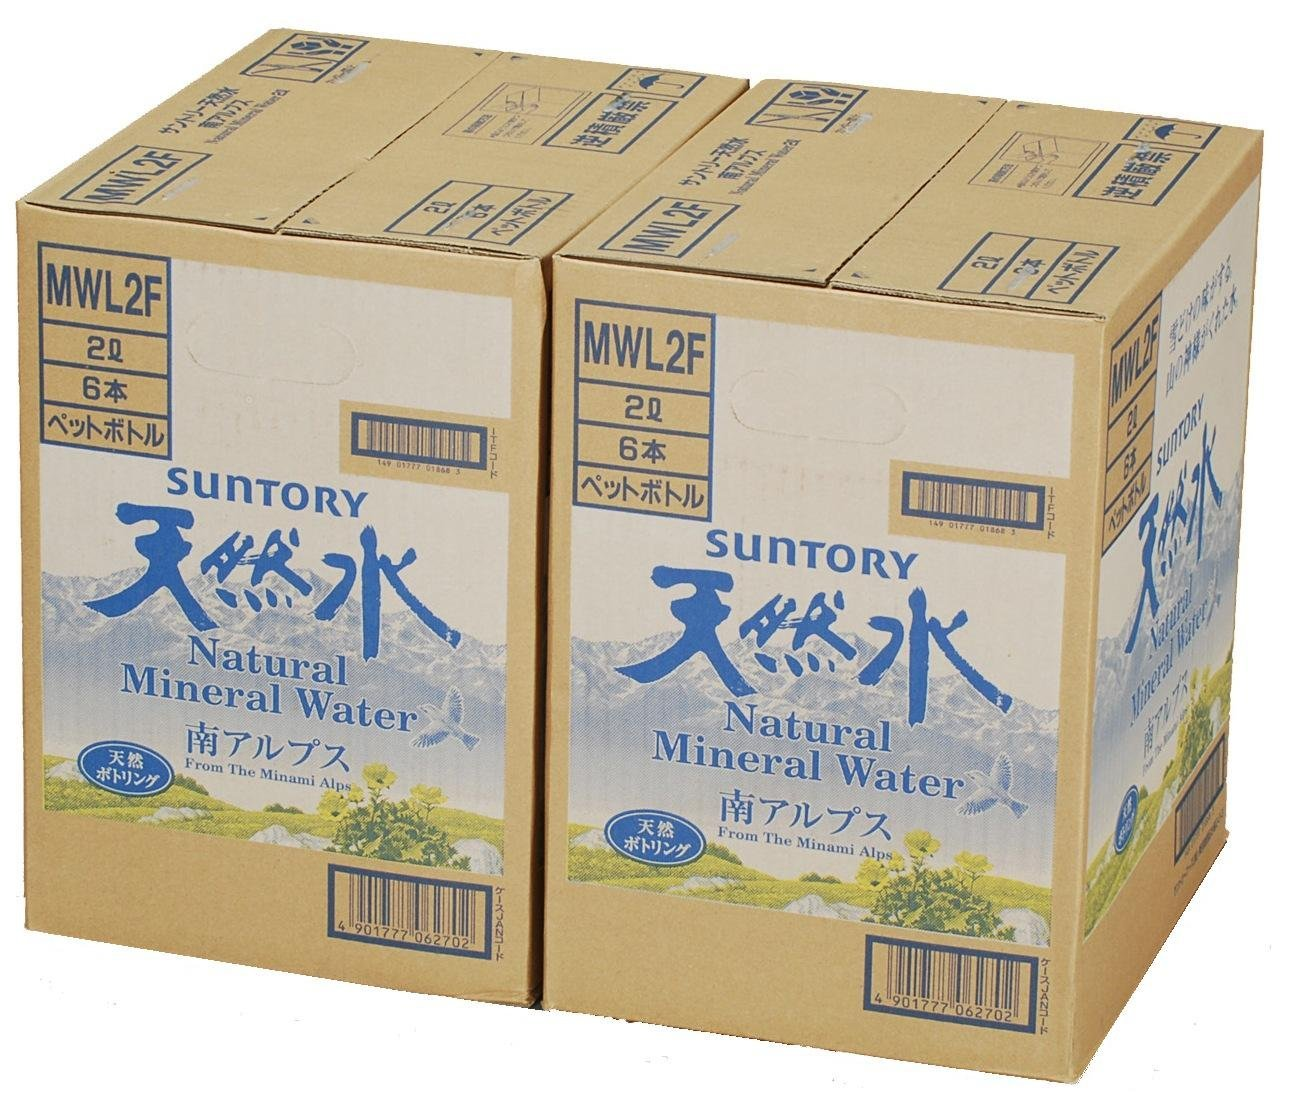 アマゾンでサントリー 天然水(南アルプス) (2L×12本)が1091円、1本91円。